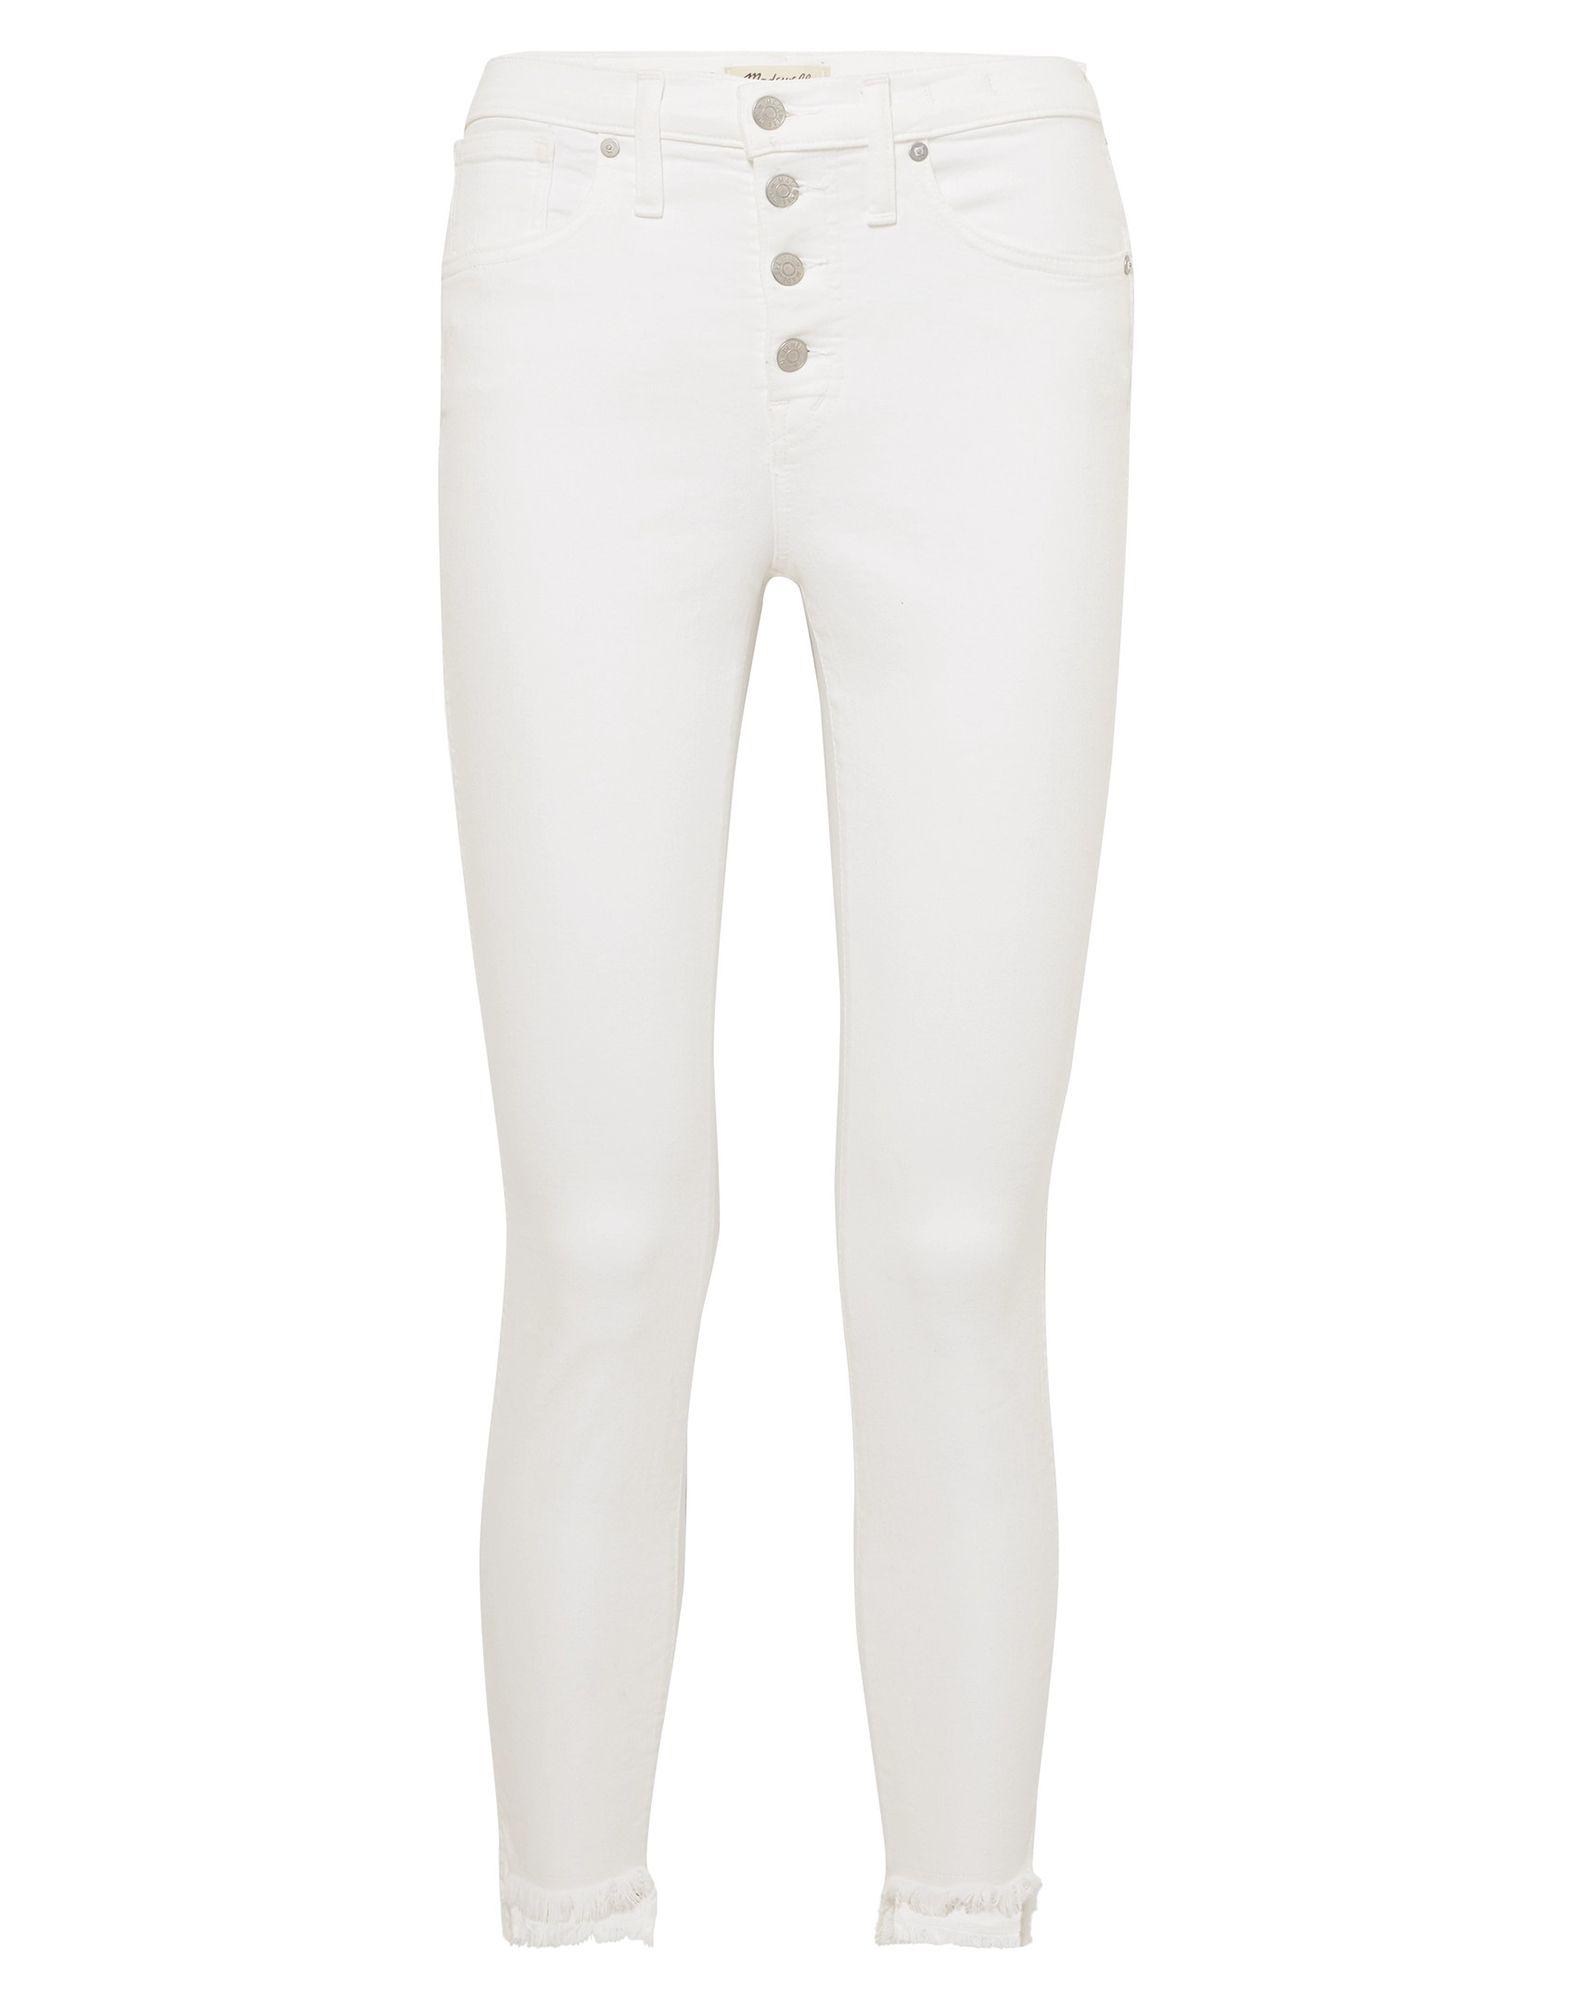 madewell джинсовые брюки капри MADEWELL Джинсовые брюки